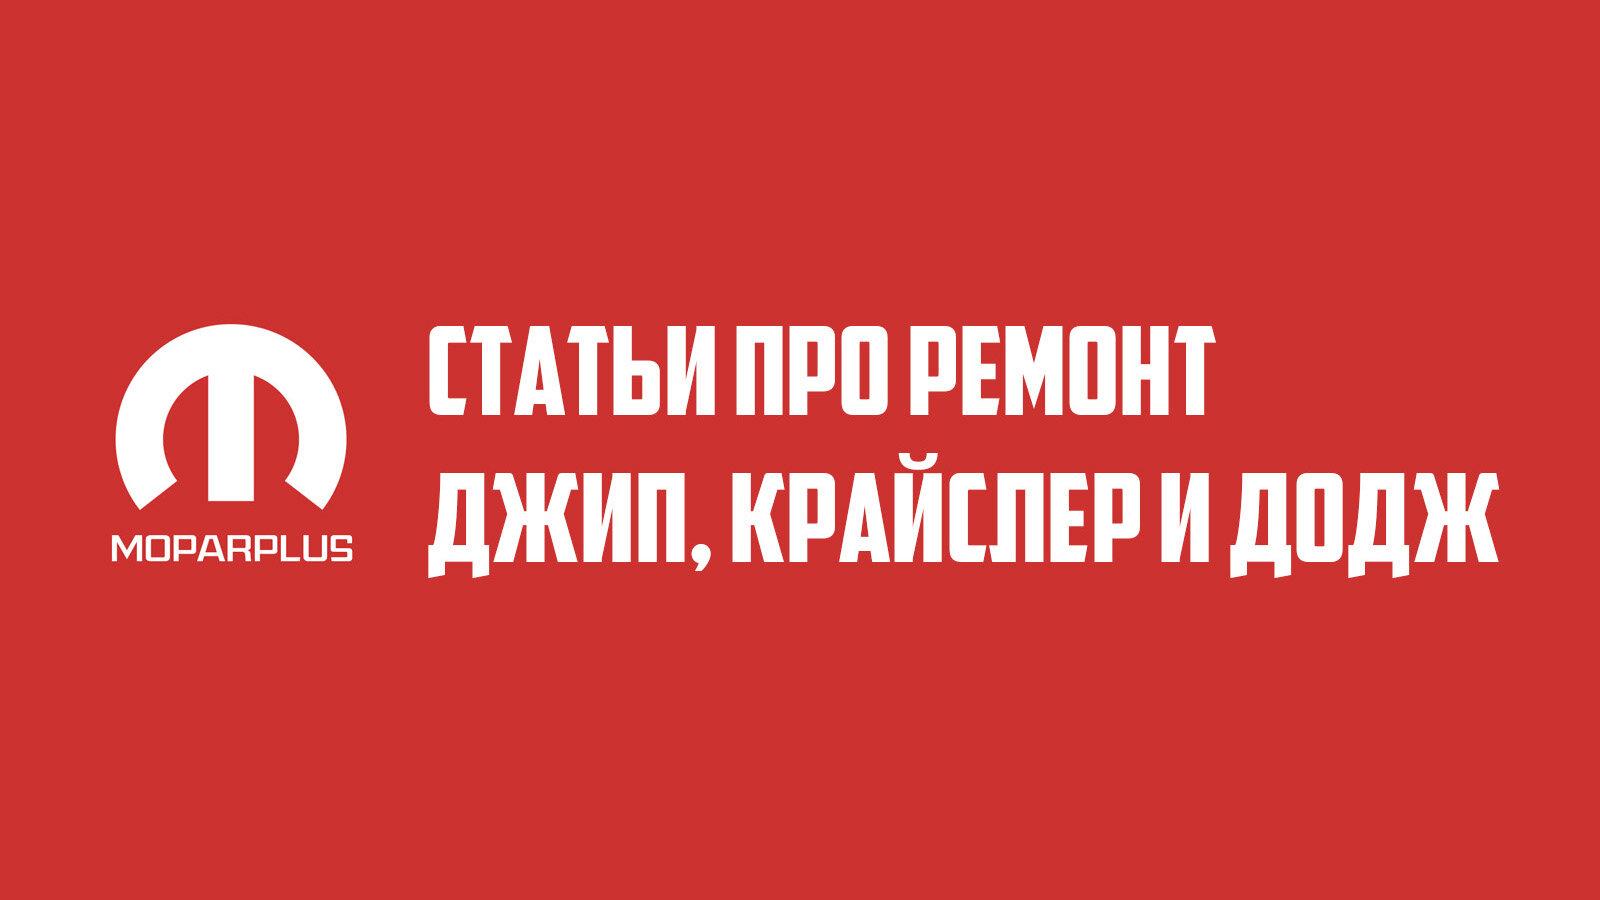 Статьи про ремонт. Выпуск №78.